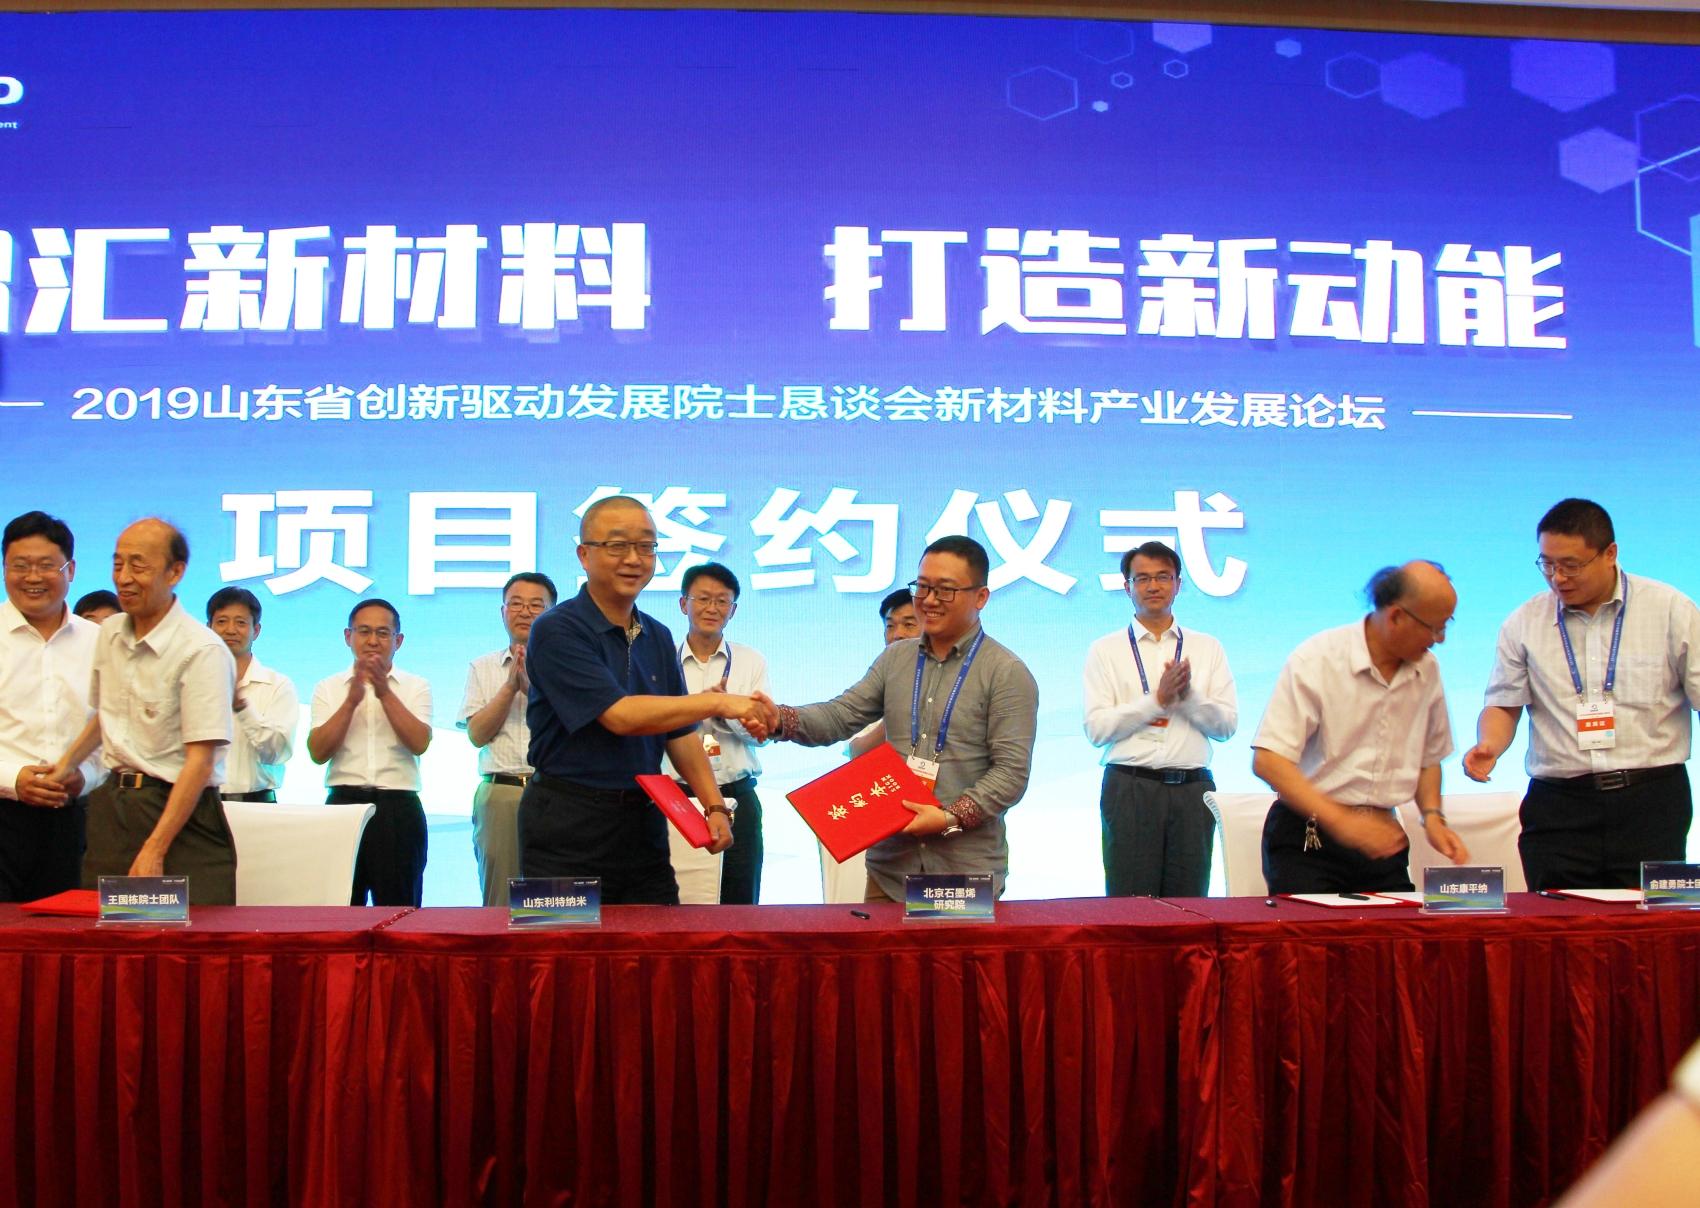 利特纳米与北京石墨烯研究院在2019山东省创新驱动发展院士恳谈会上签约